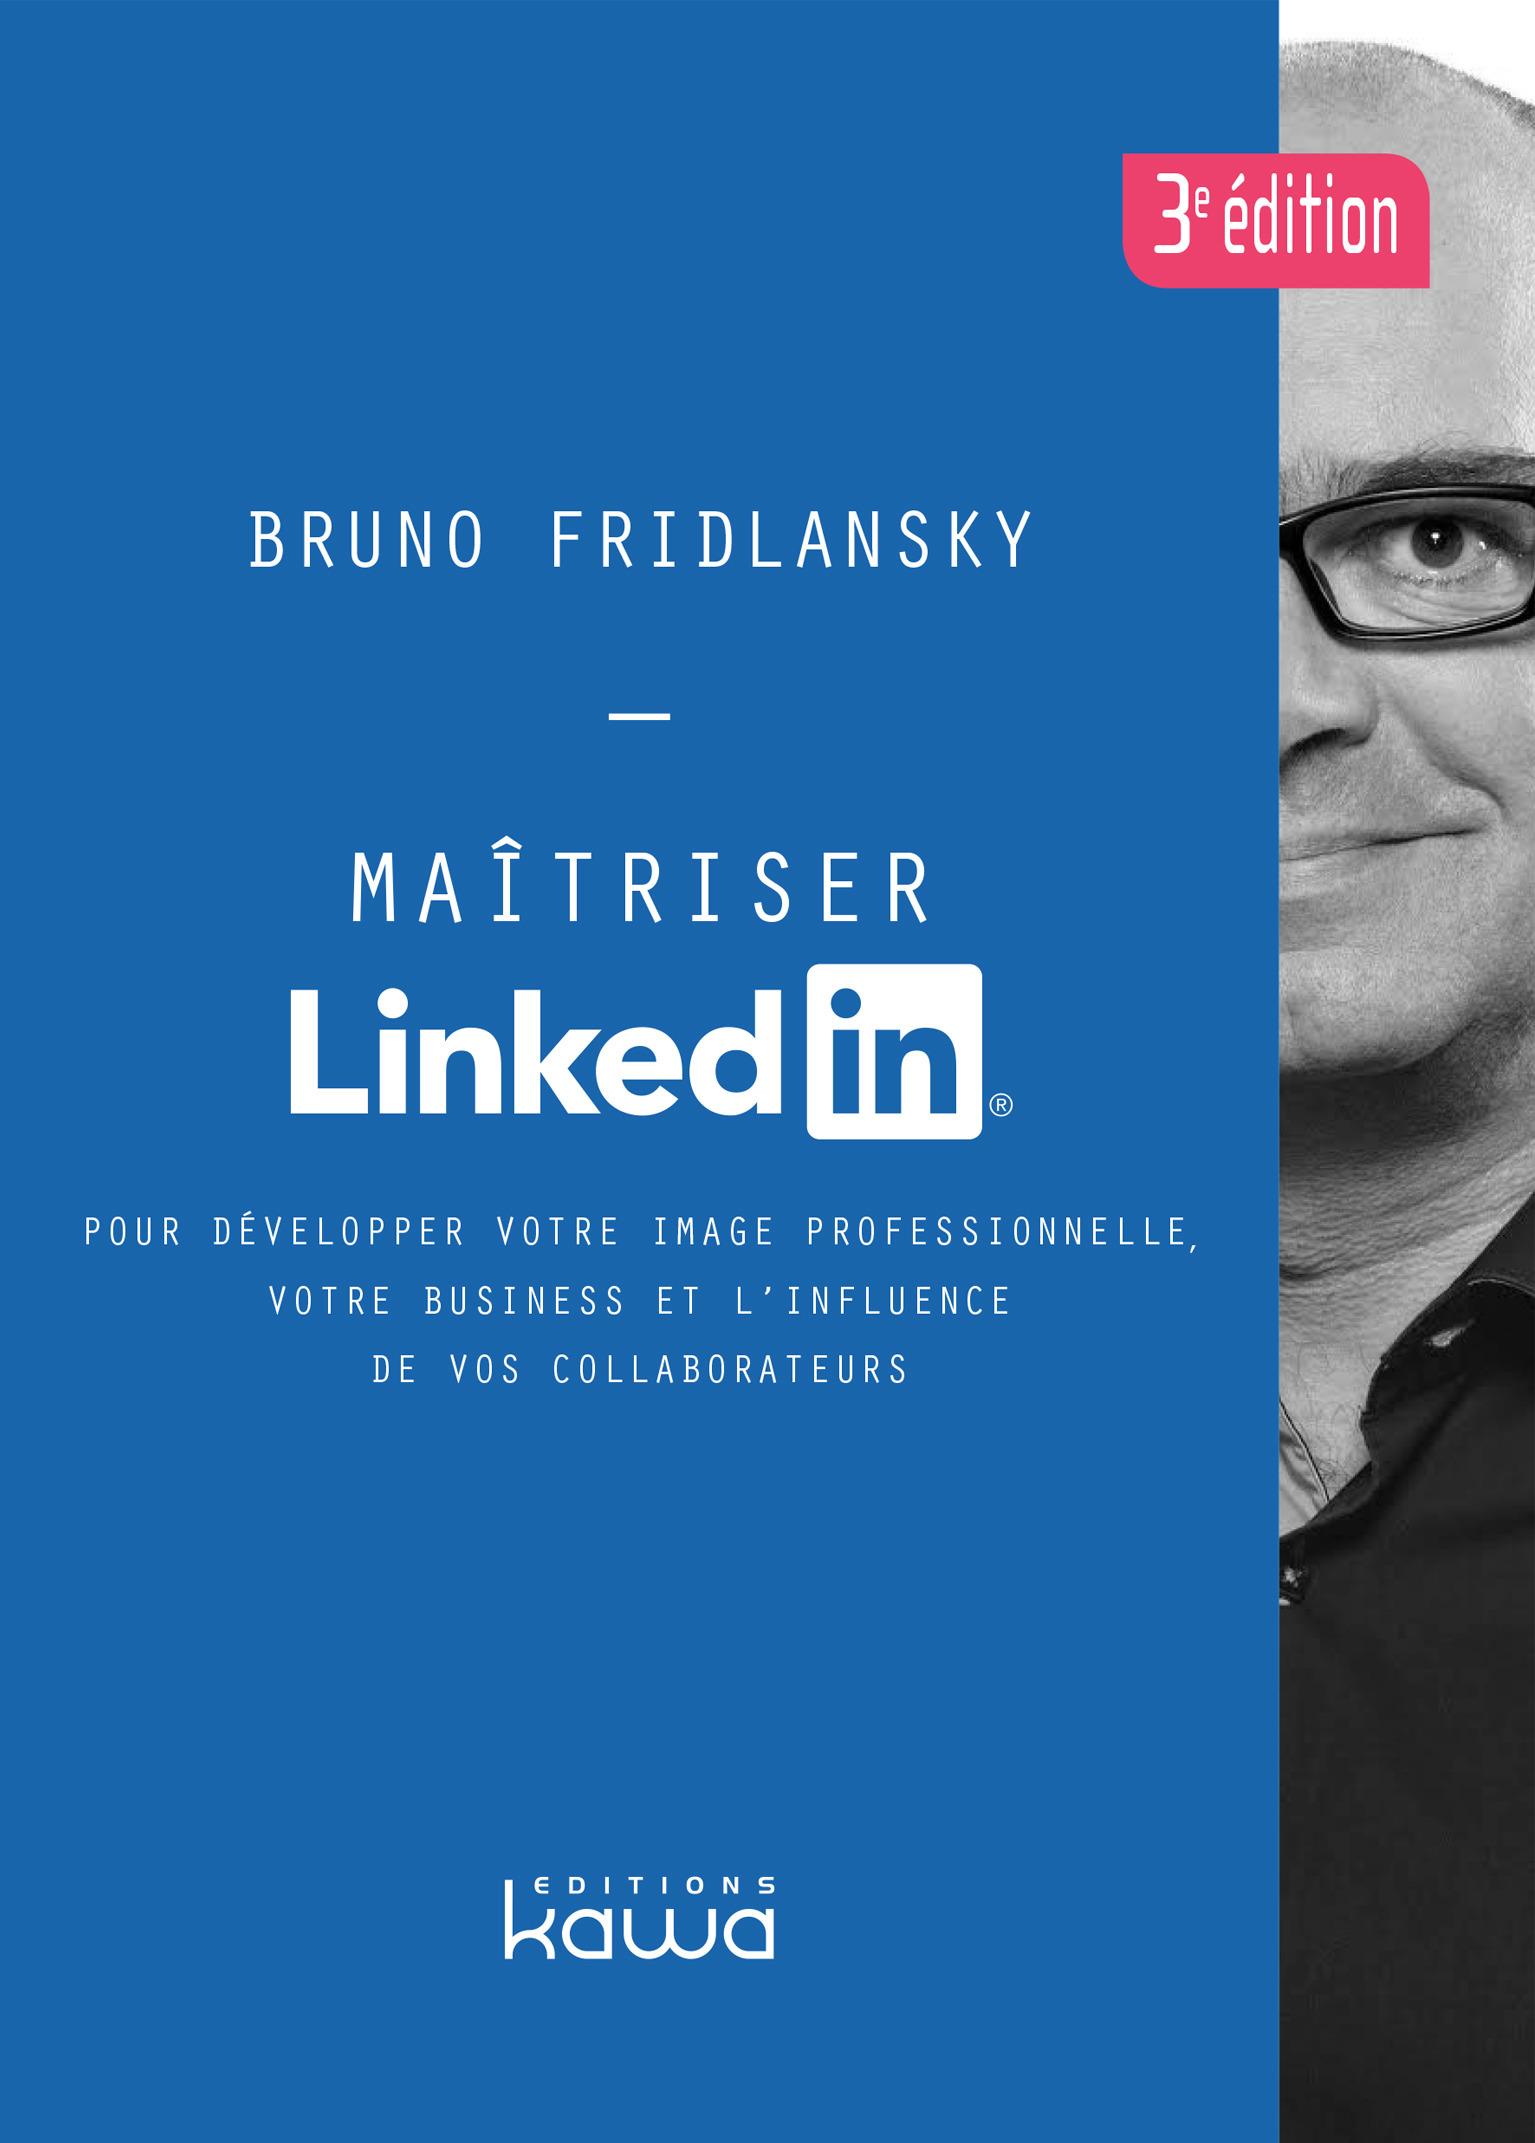 Maîtriser LinkedIn ; pour développer votre image professionnelle, votre business et l'influence de vos collaborateurs (3e éditio  - Bruno Fridlansky